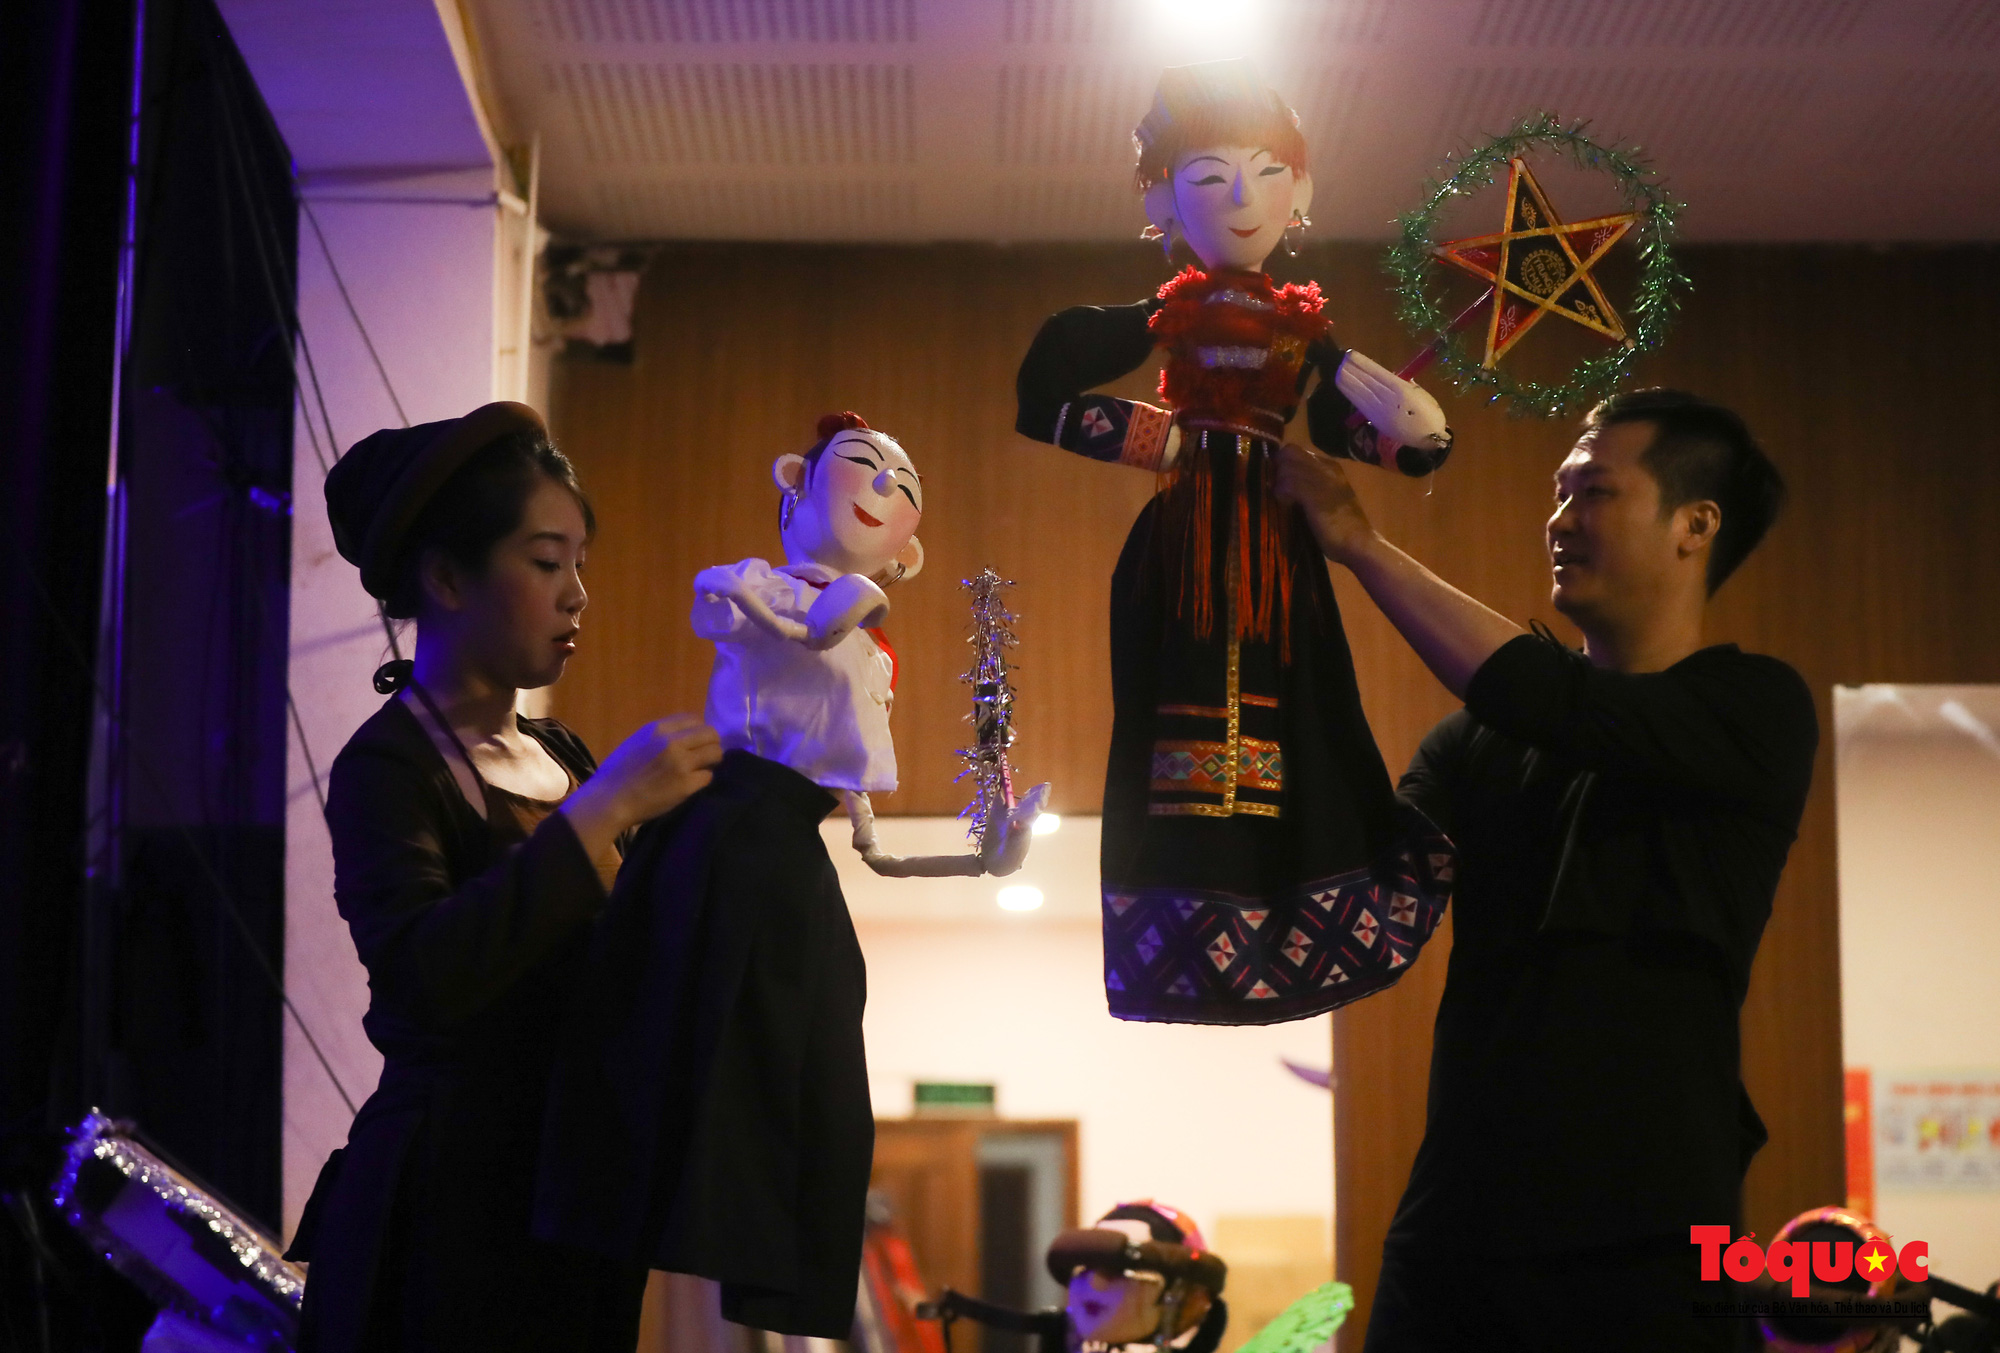 """Các nghệ sĩ múa rối hăng say luyện tập cho chương trình nghệ thuật online đặc biệt """"Trung thu cho em"""" - Ảnh 7."""